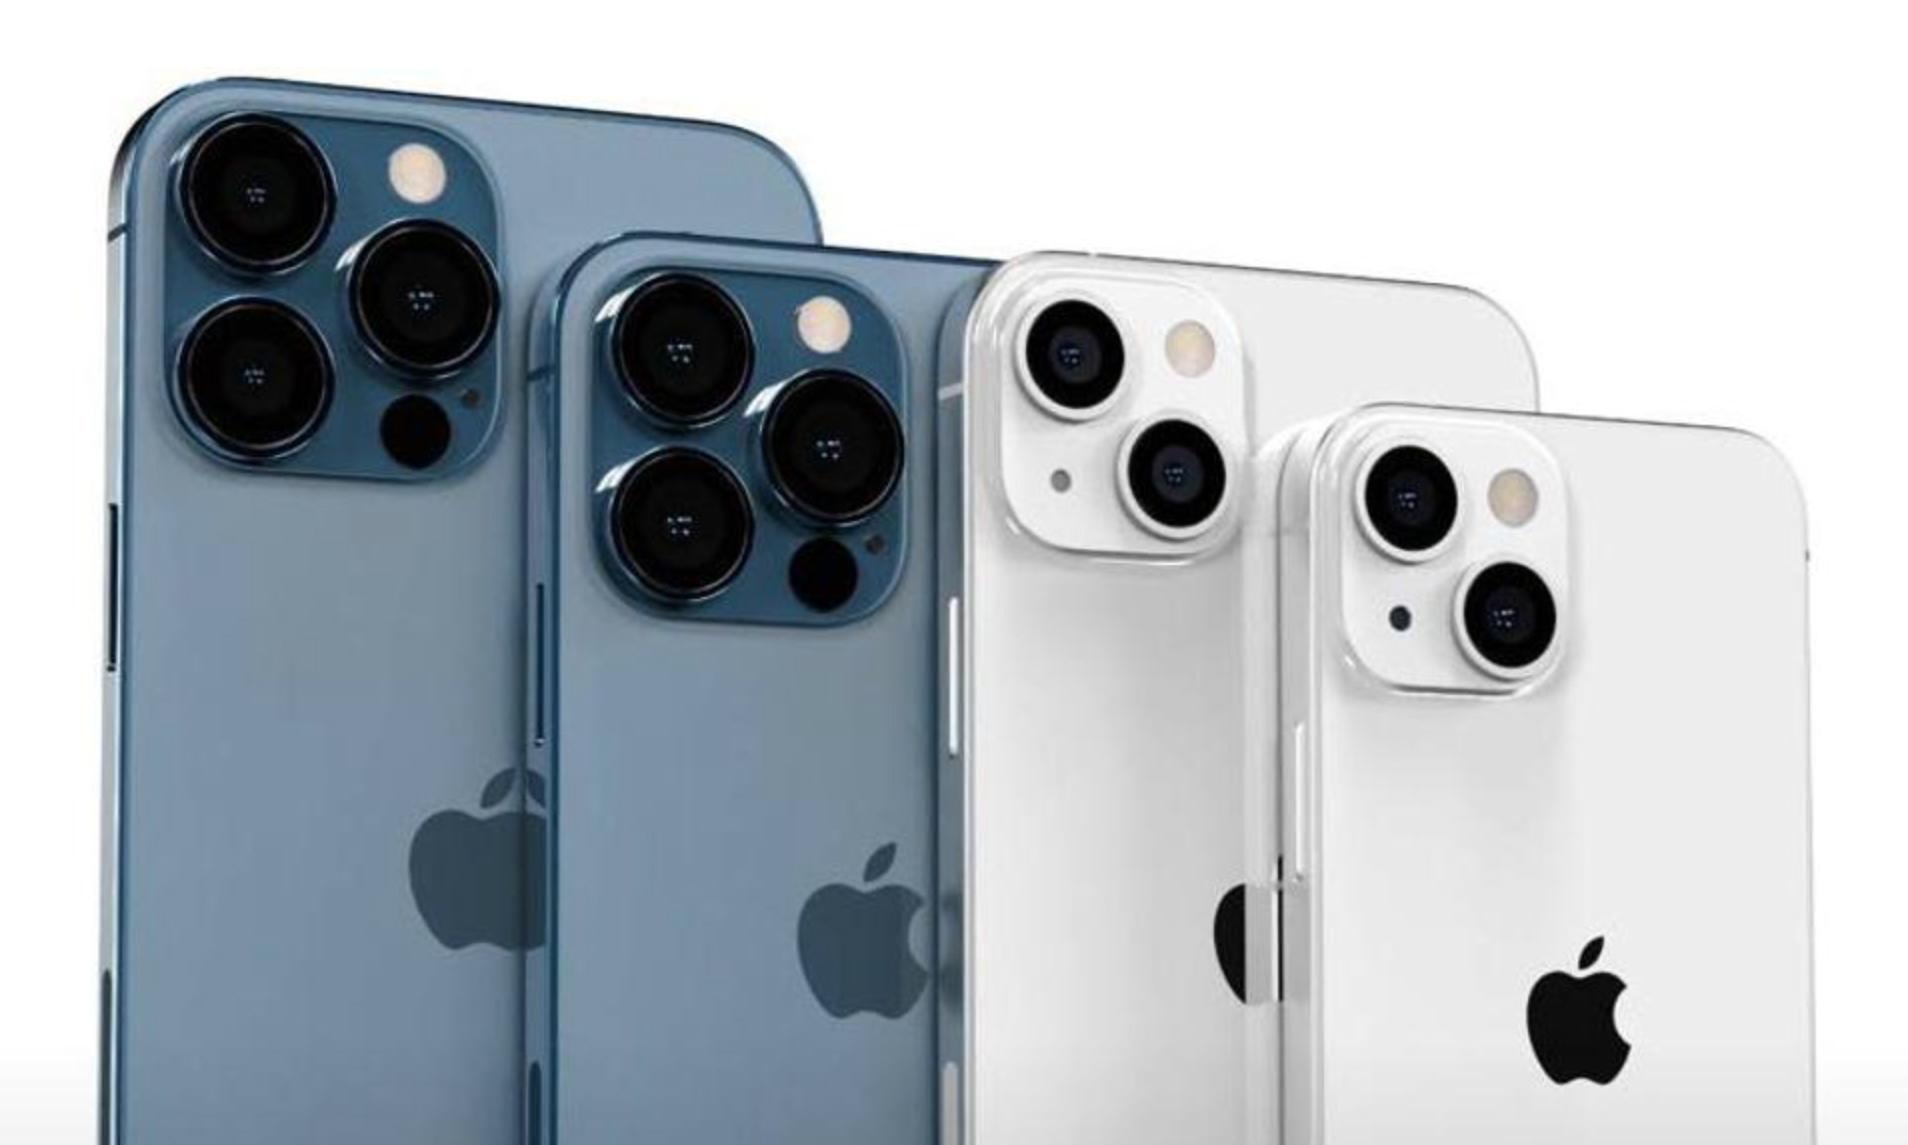 iPhone 13 Pro 和 13 Pro Max 或将提供 1TB 版本